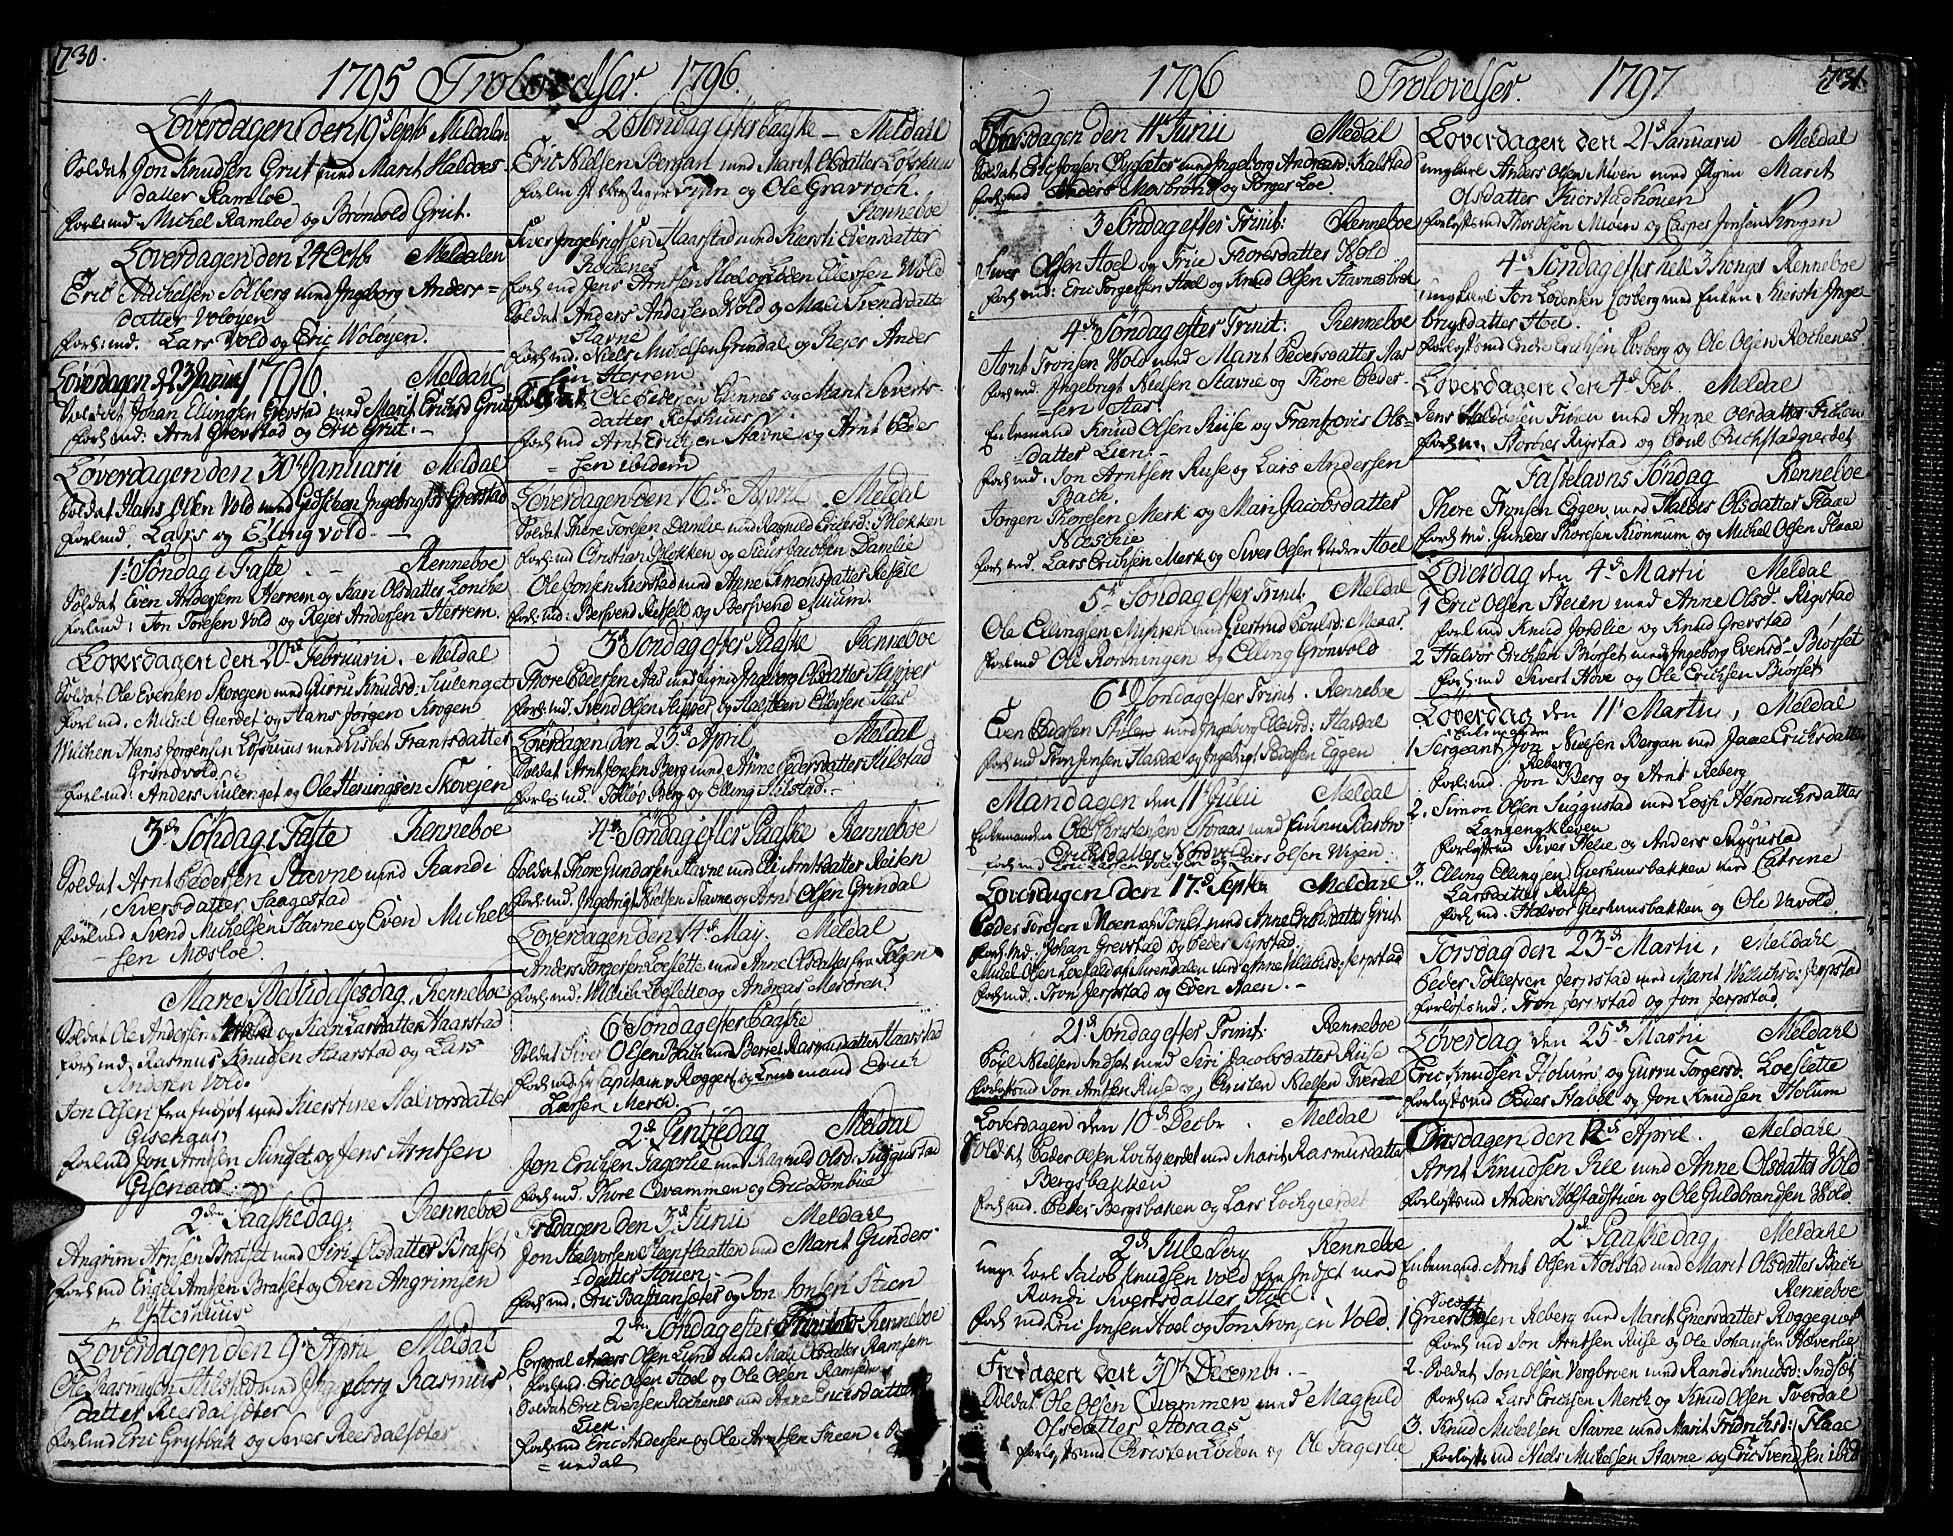 SAT, Ministerialprotokoller, klokkerbøker og fødselsregistre - Sør-Trøndelag, 672/L0852: Ministerialbok nr. 672A05, 1776-1815, s. 730-731